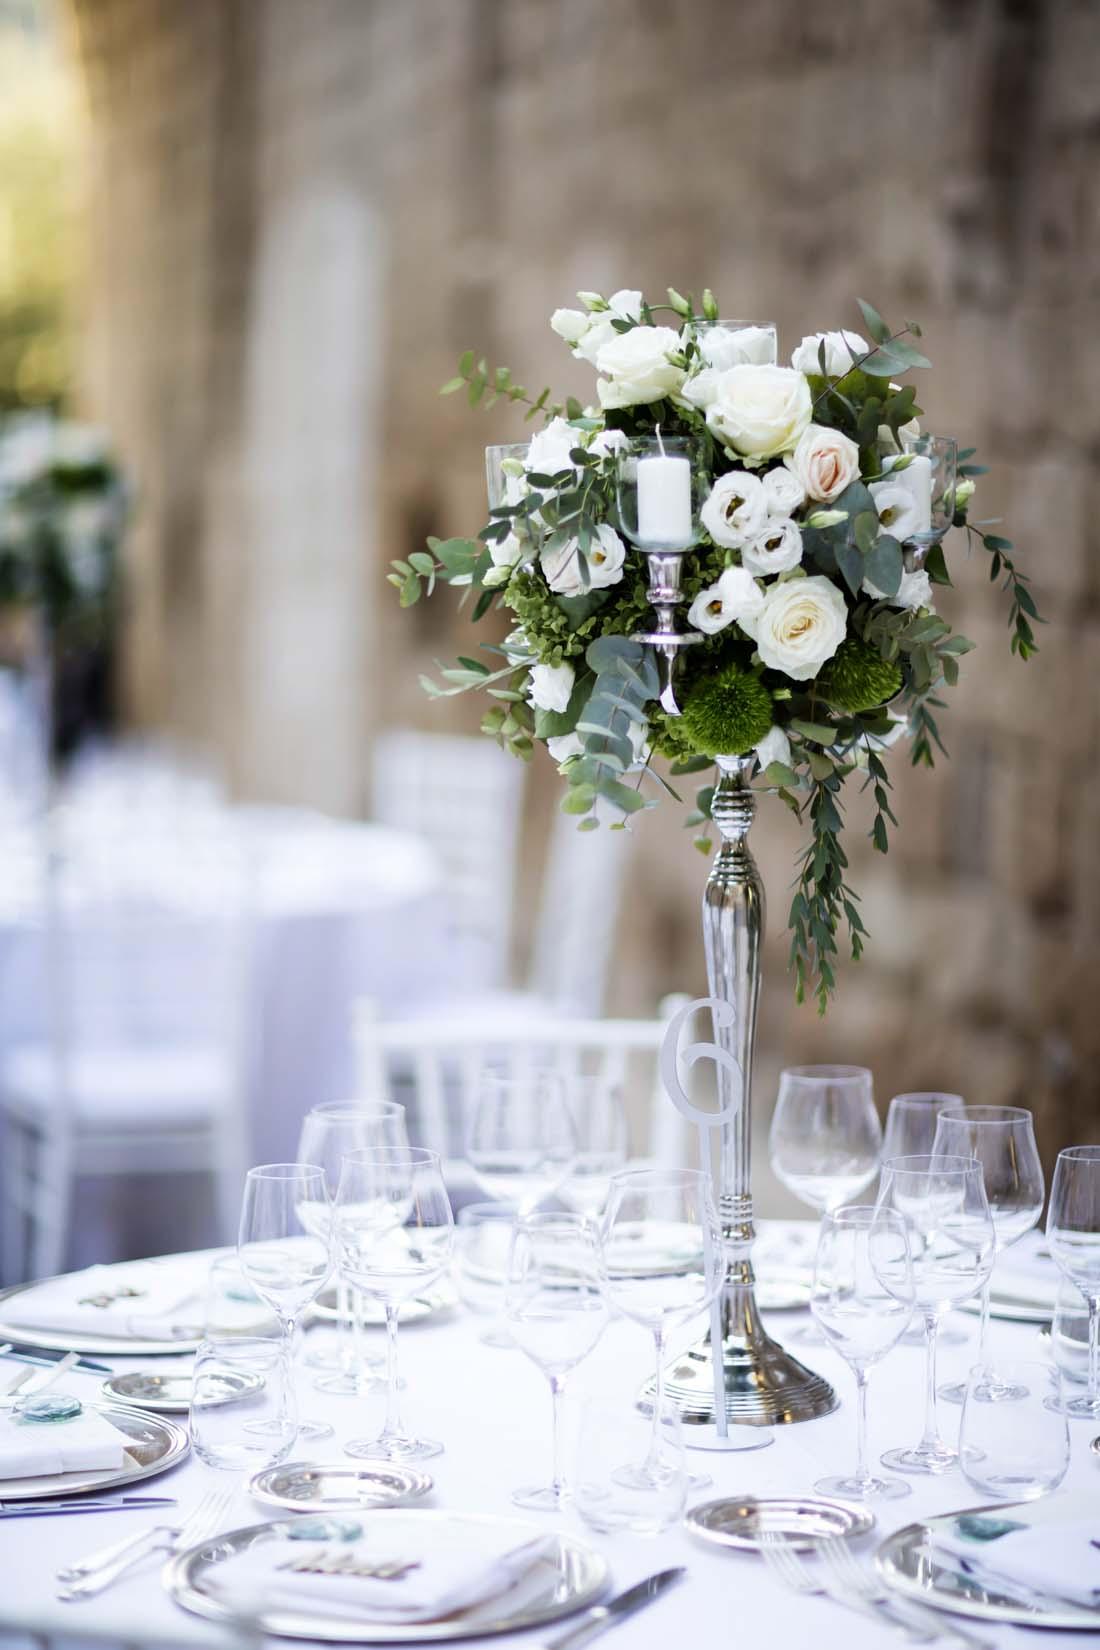 064_wedding la badia orvieto.jpg